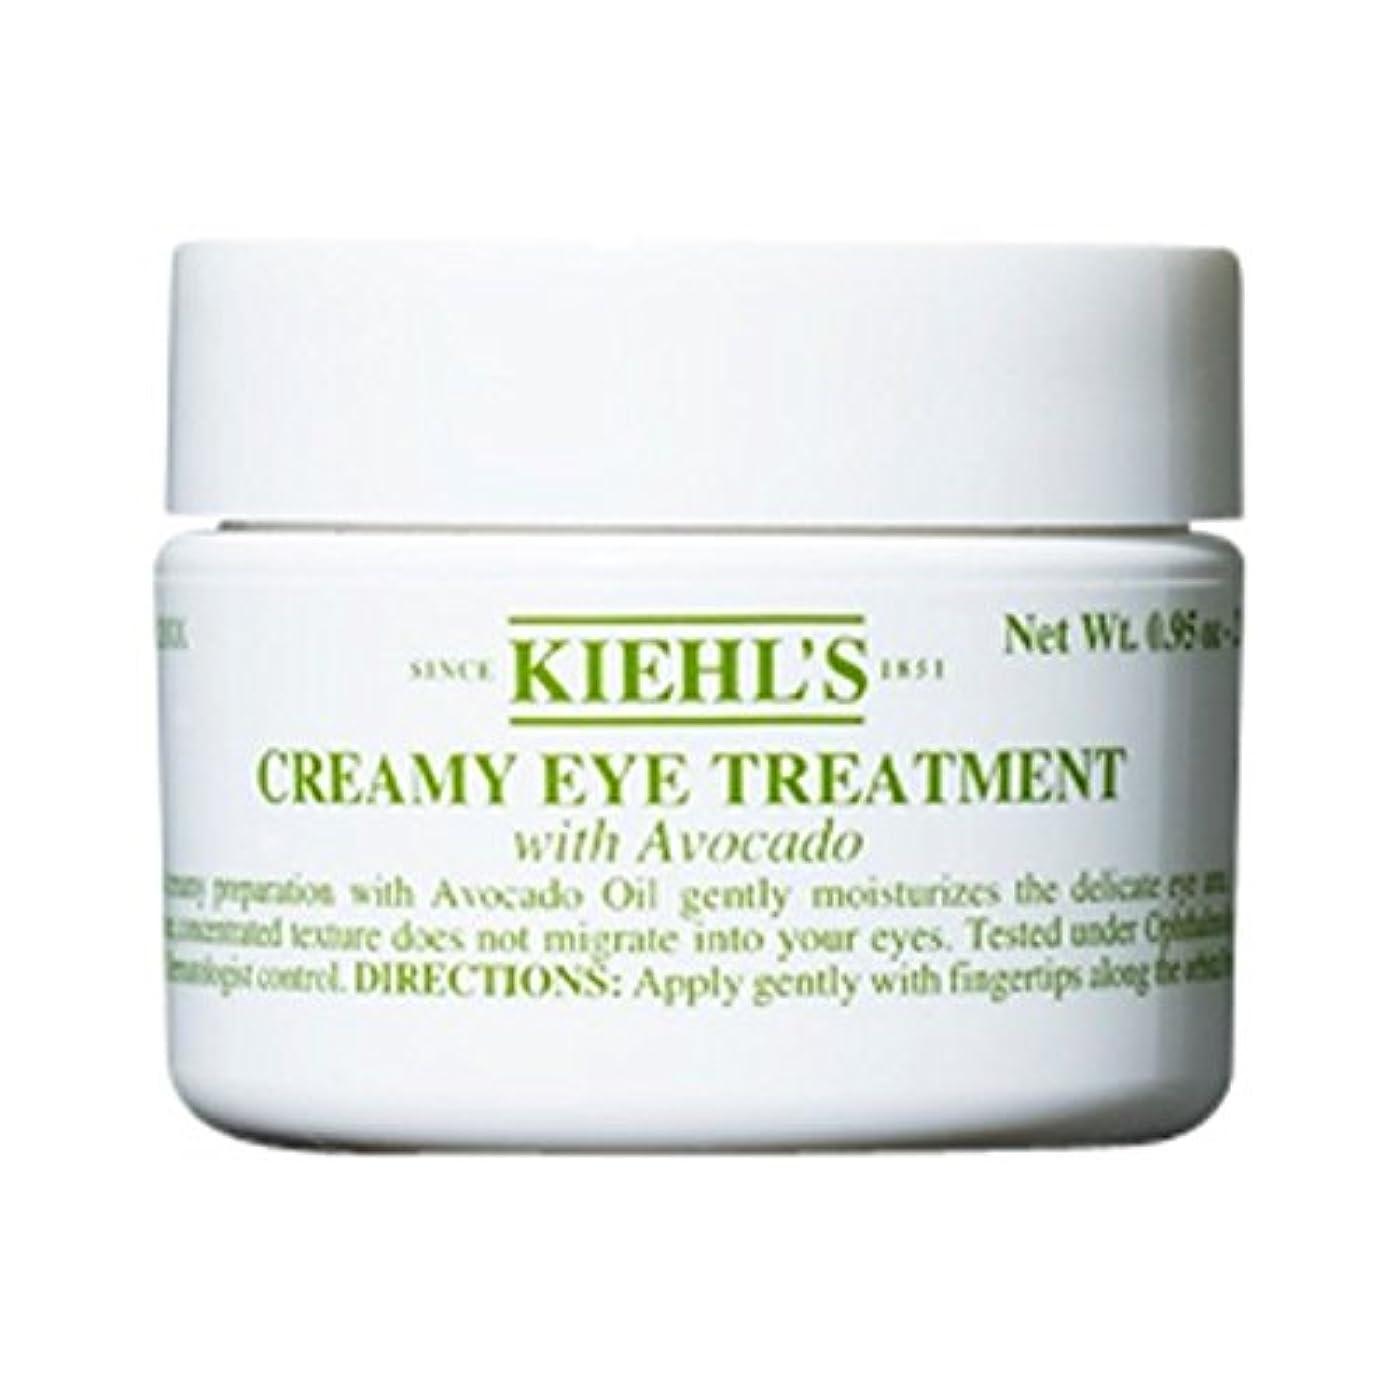 接続された口述優れた[Kiehl's] アボカドの28グラムとキールズクリーミーアイトリートメント - Kiehl's Creamy Eye Treatment With Avocado 28g [並行輸入品]